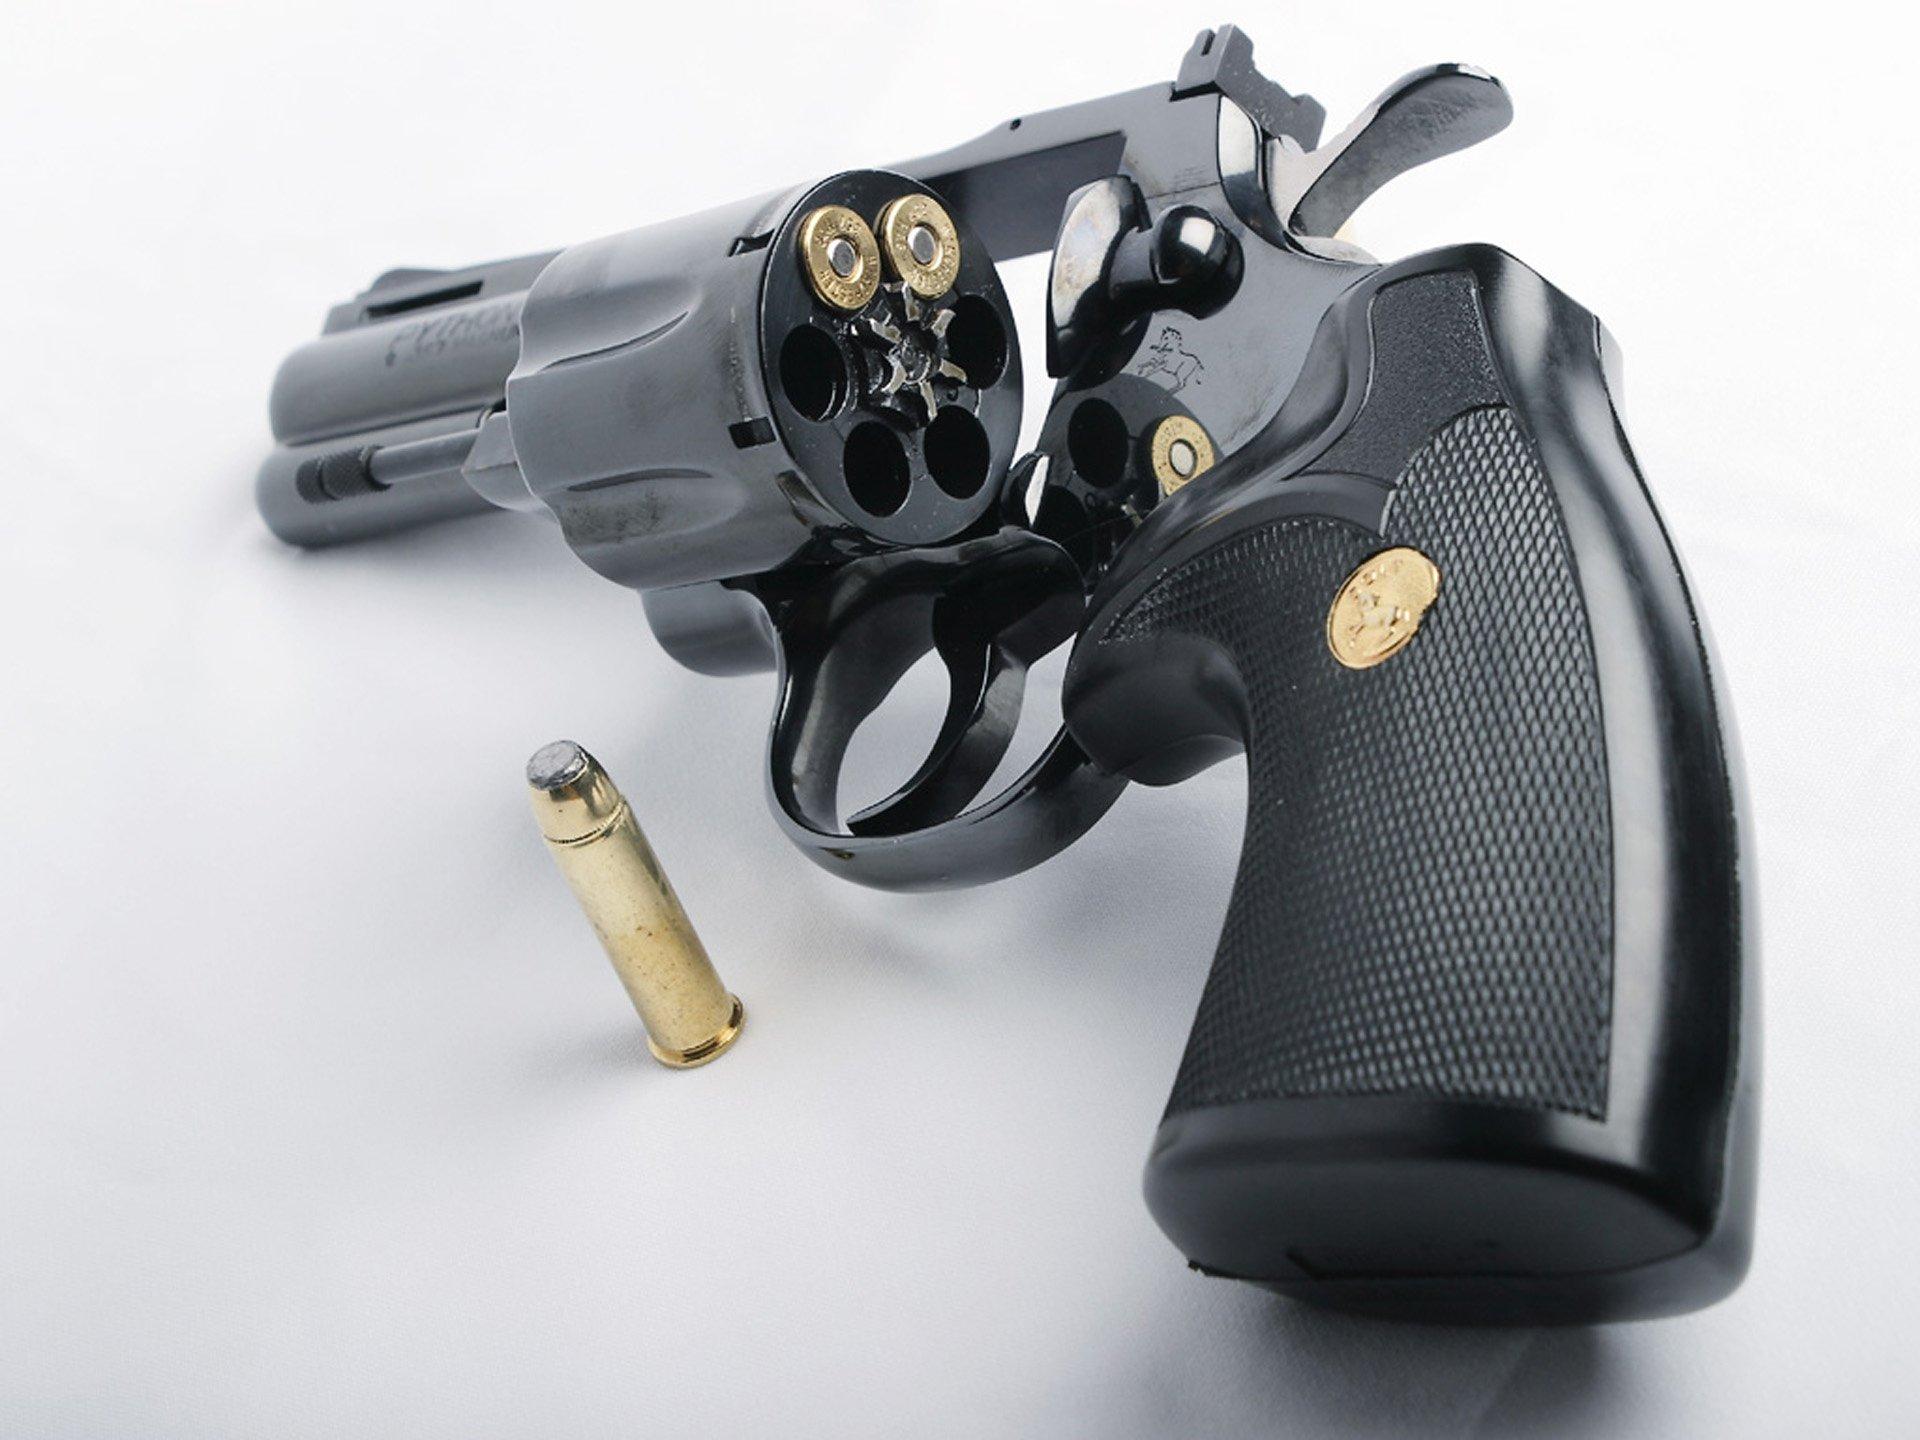 HQ Colt Python Revolver Wallpapers   File 241.72Kb